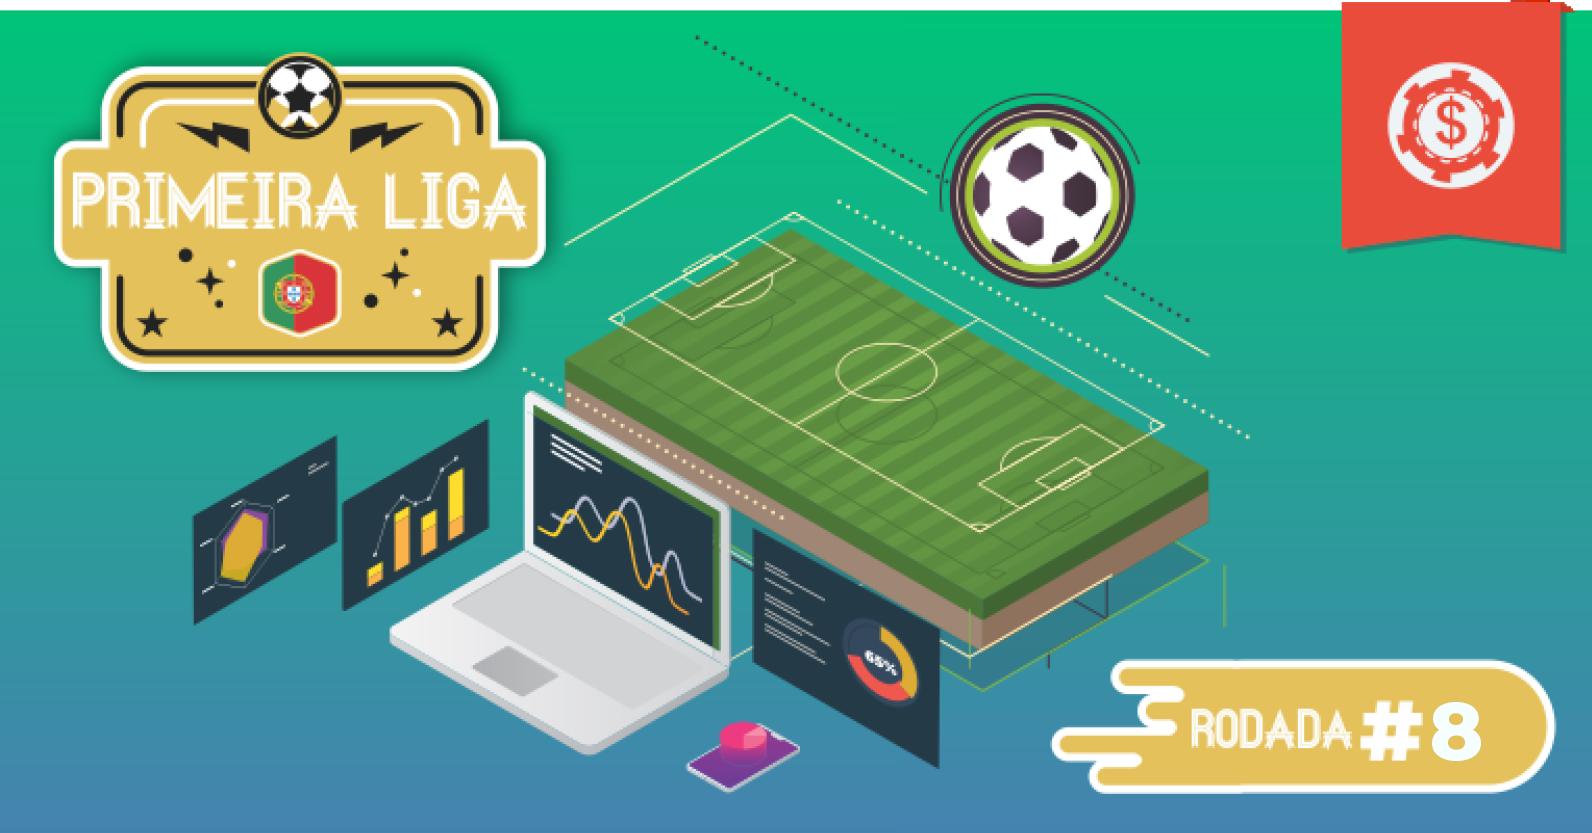 prognosticos-primeira-liga-campeonato-portugues-apostas-rodada-8